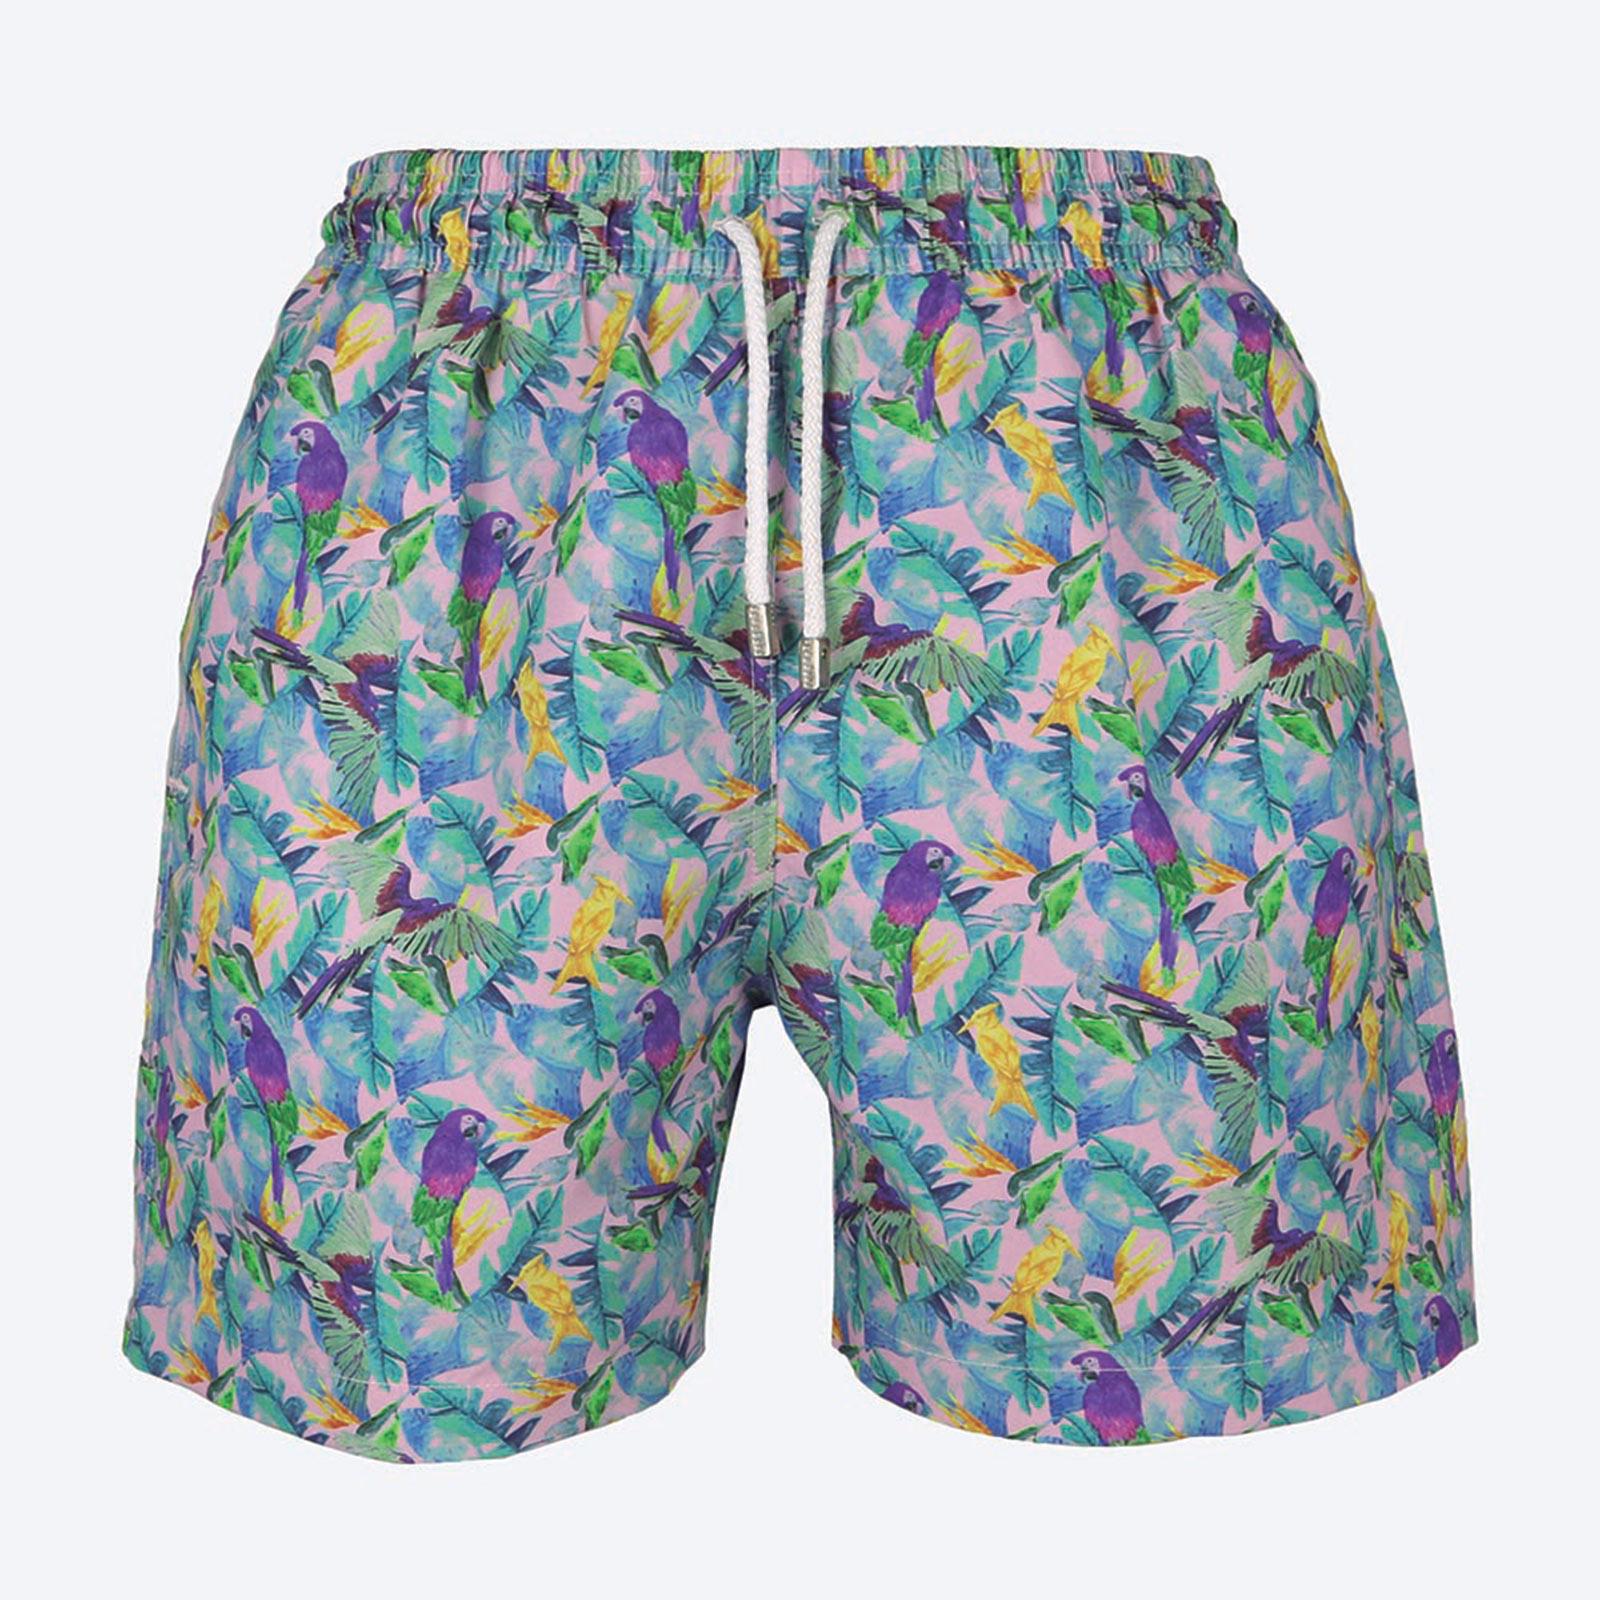 Pantalones Cortos De Natacion Para Hombre Estampa Loro Guacamayas Roxo Palmacea